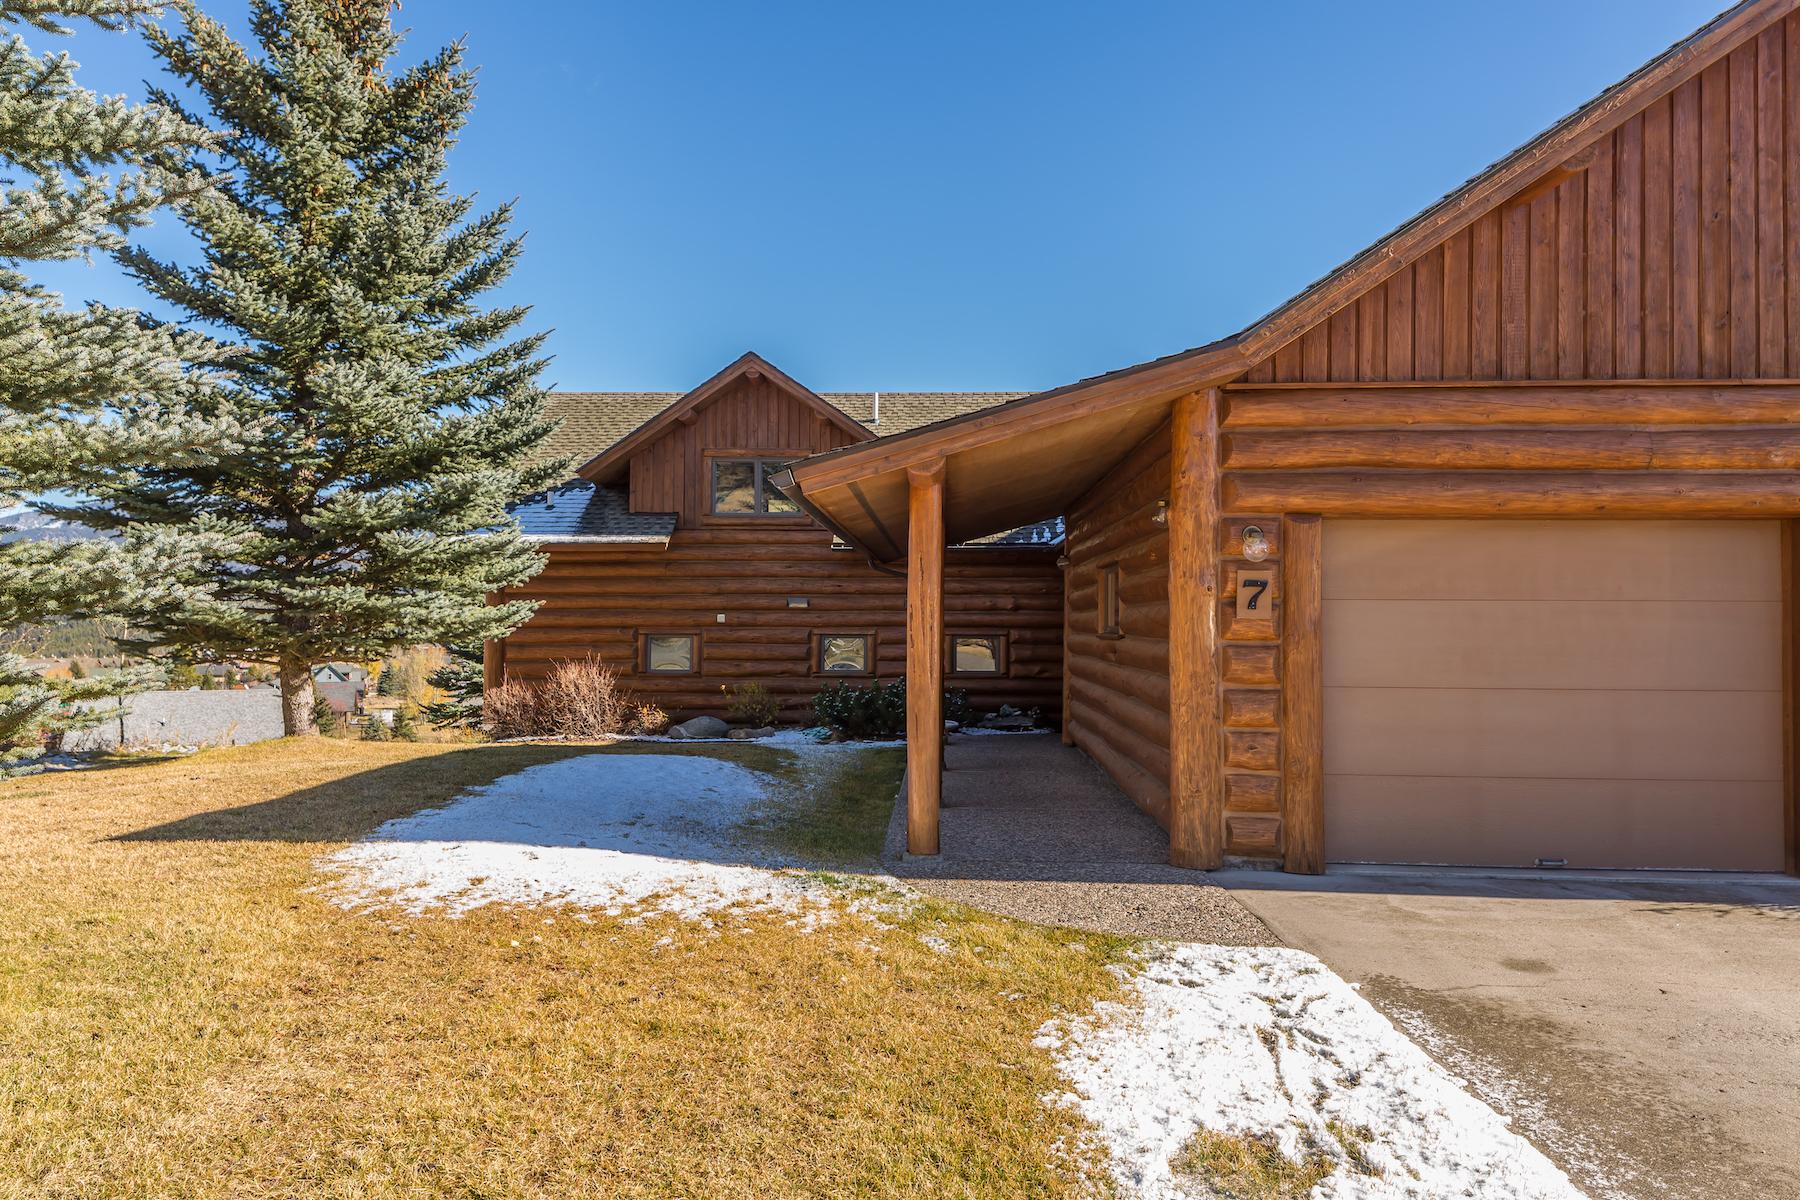 共管式独立产权公寓 为 销售 在 Blue Grouse Condo 7 Ringneck Road, Big Sky, 蒙大拿州, 59716 美国